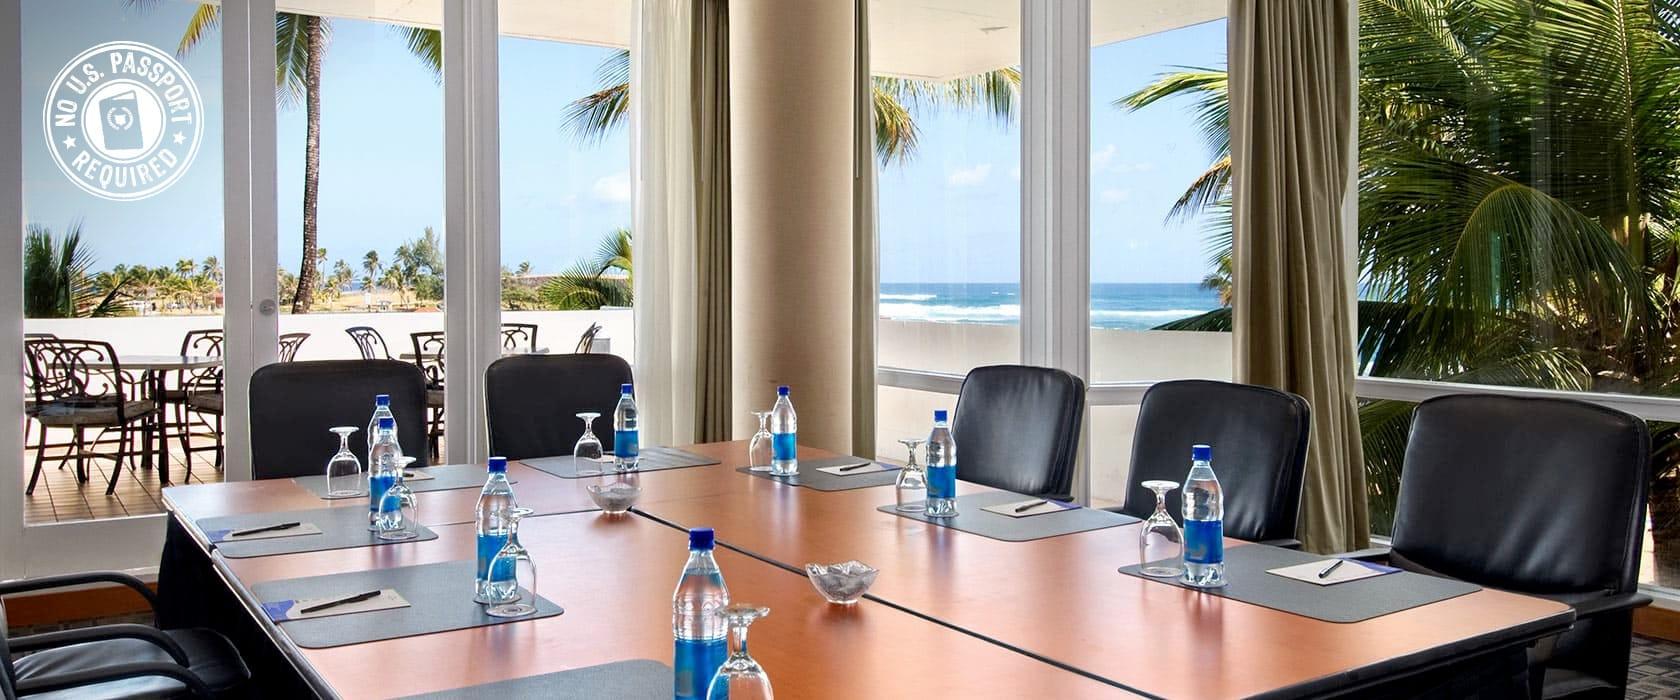 Hilton Caribbean Weddings: Caribe Hilton